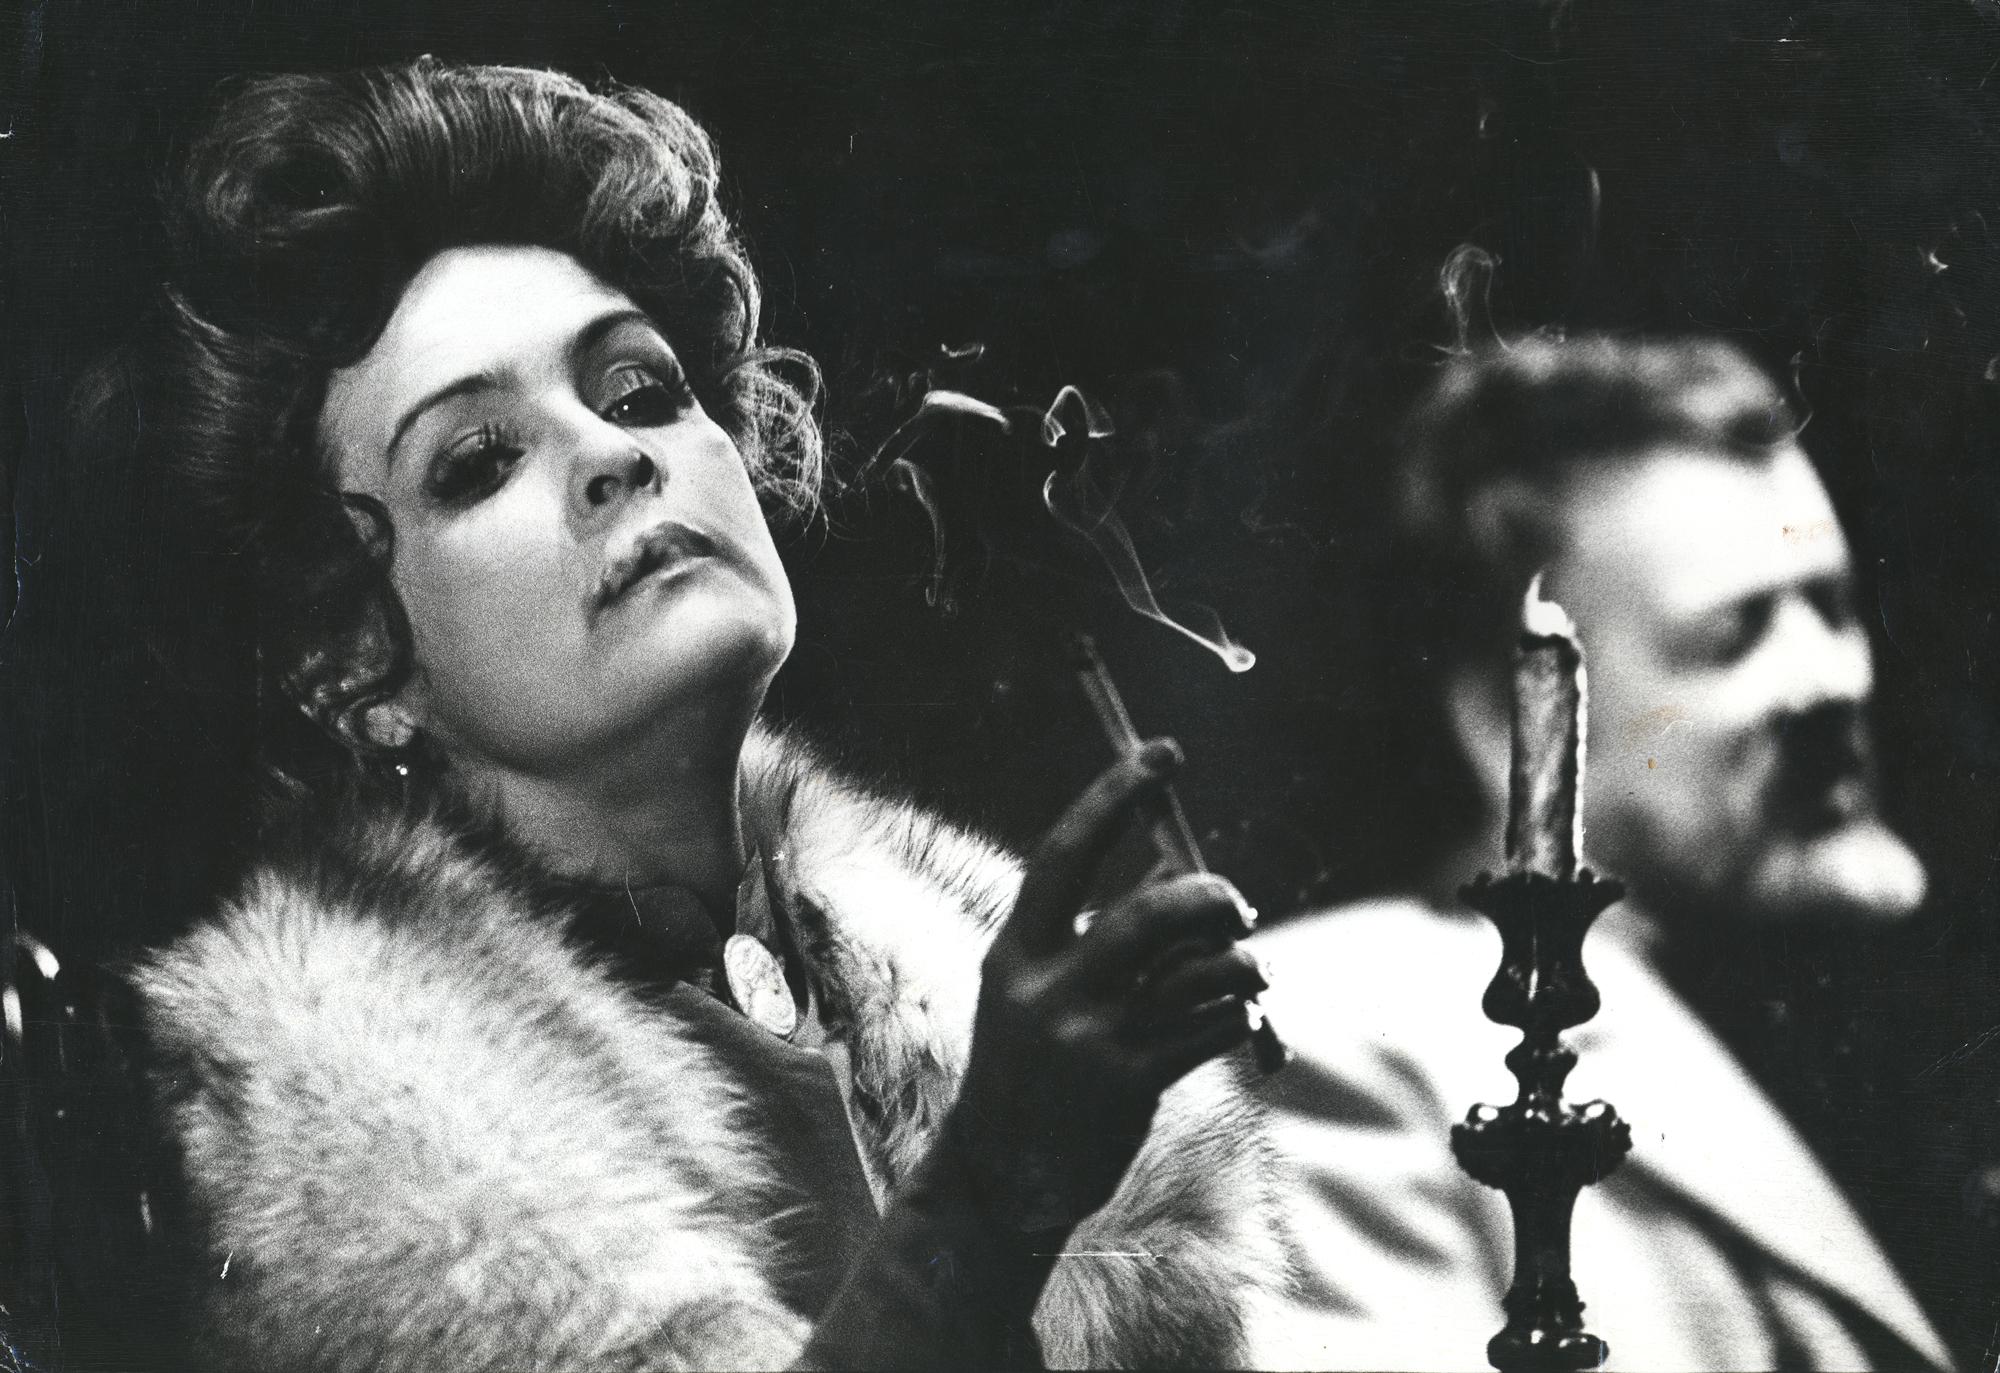 Воспоминания и размышления Ады Роговцевой: о театре, позитивном восприятии мира и качестве актерского образования (Часть III)